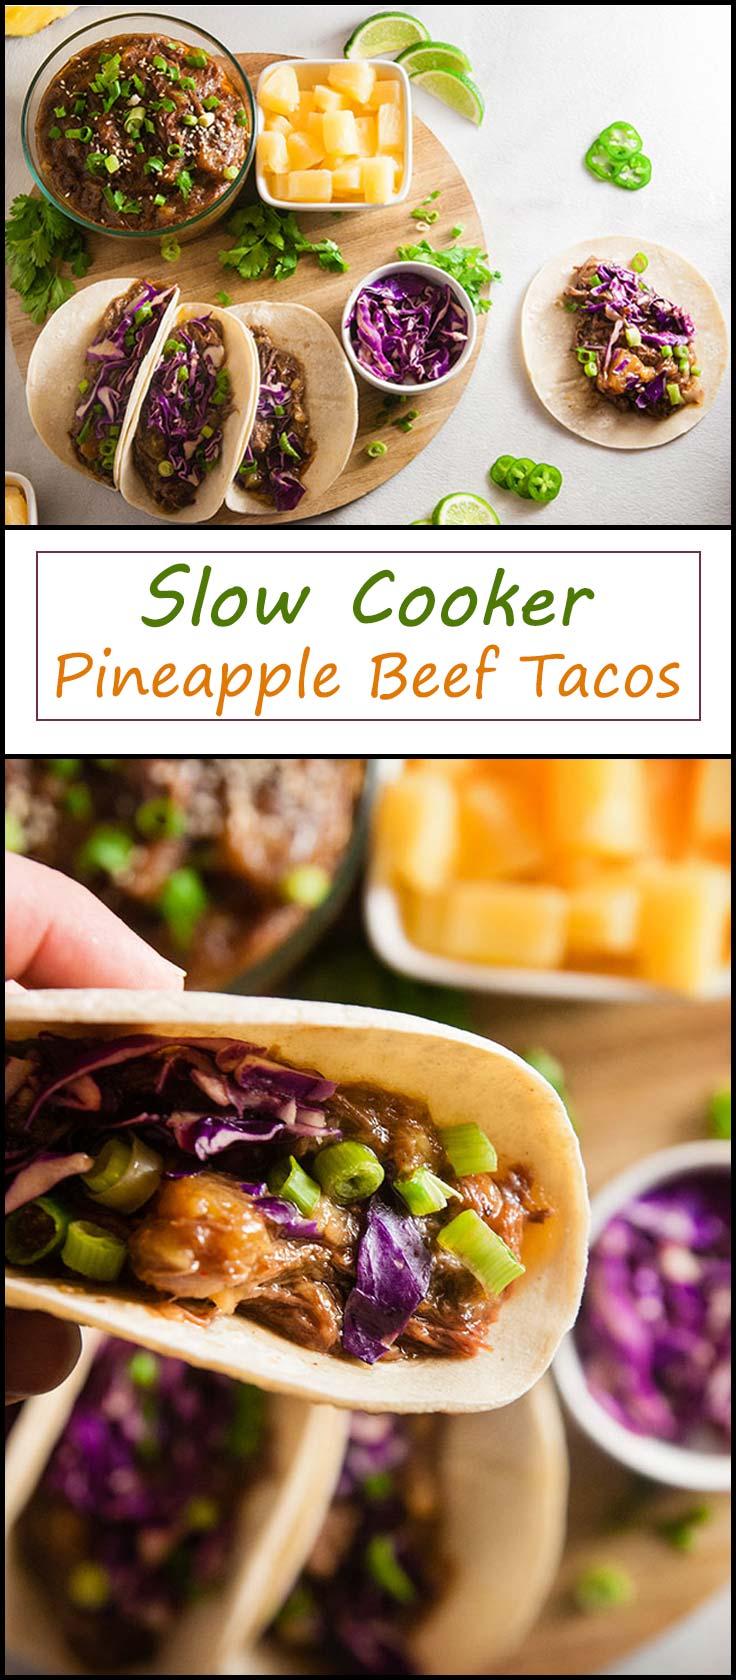 Slow Cooker Pineapple Beef Tacos from www.seasonedsprinkles.com